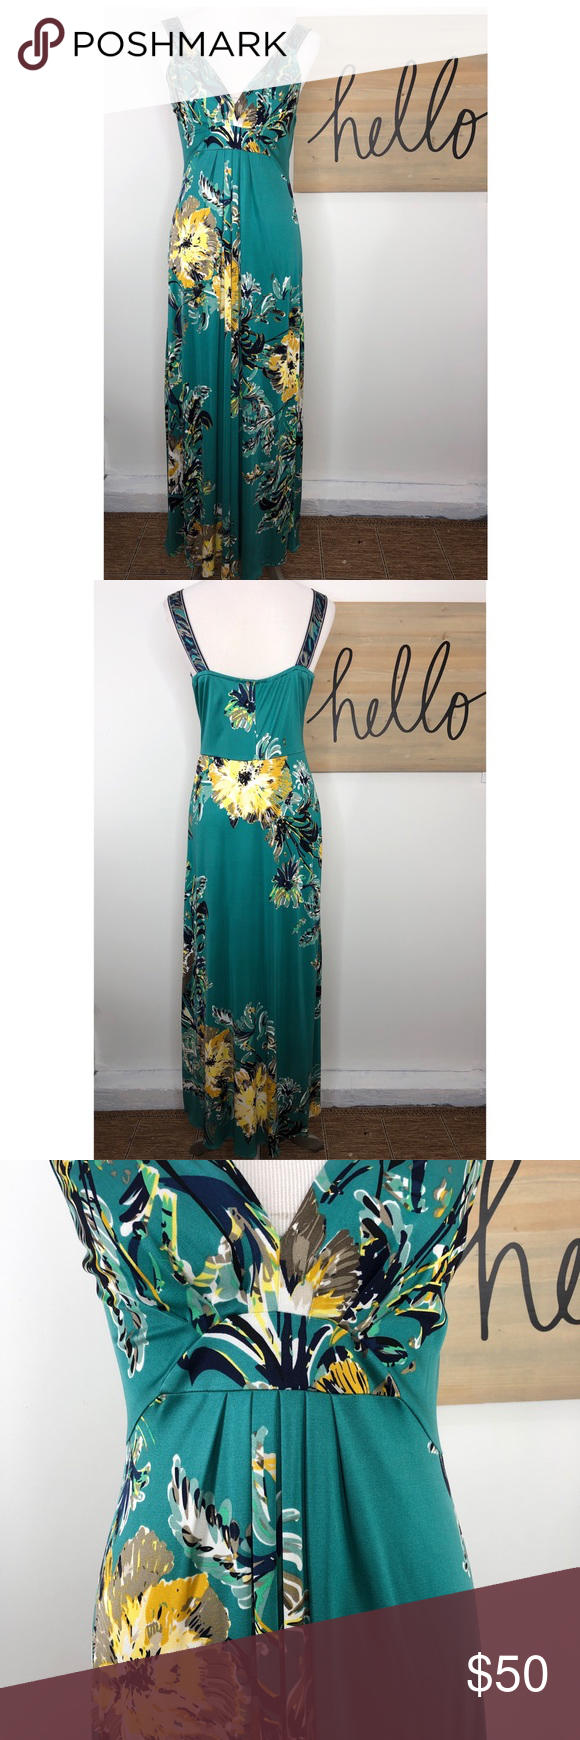 Elie Tahari Floral V Neck Maxi Dress Resort Wear Dresses Maxi Dress Dresses [ 1740 x 580 Pixel ]